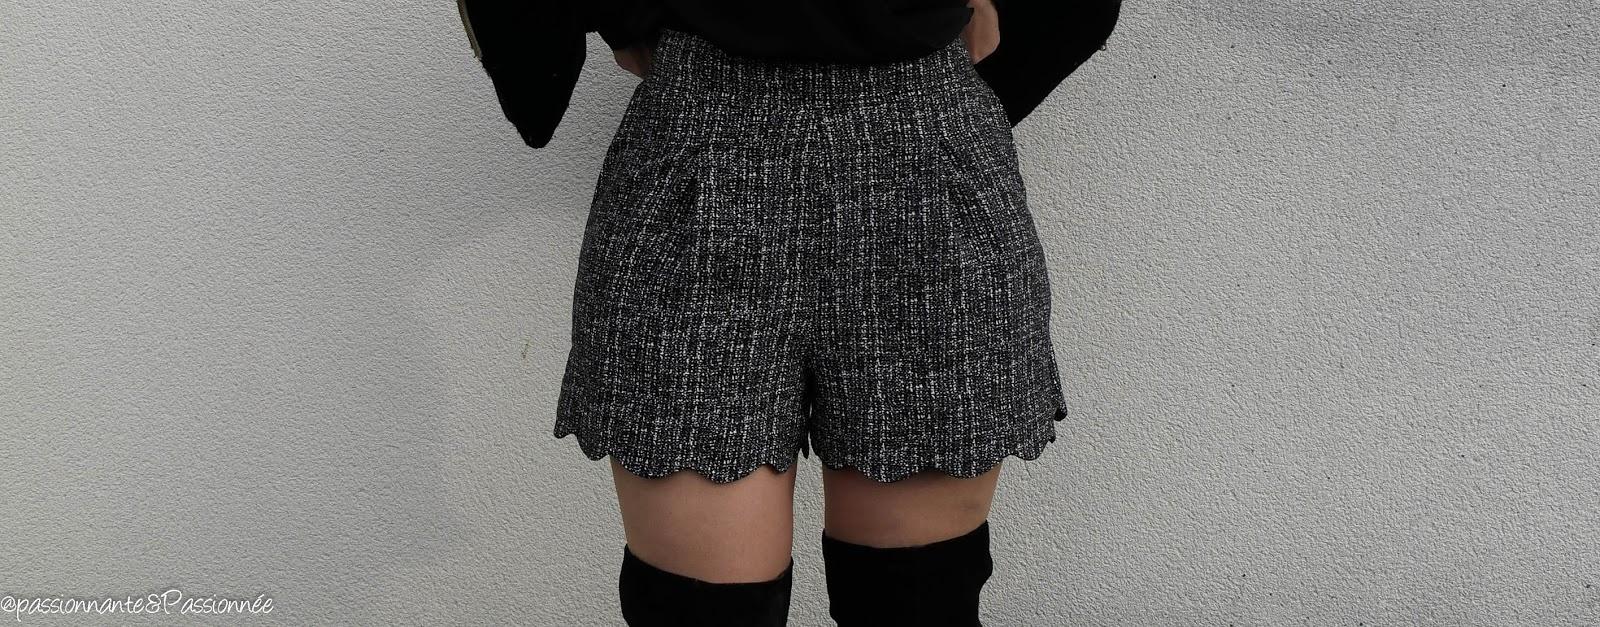 comment porter le short en hiver